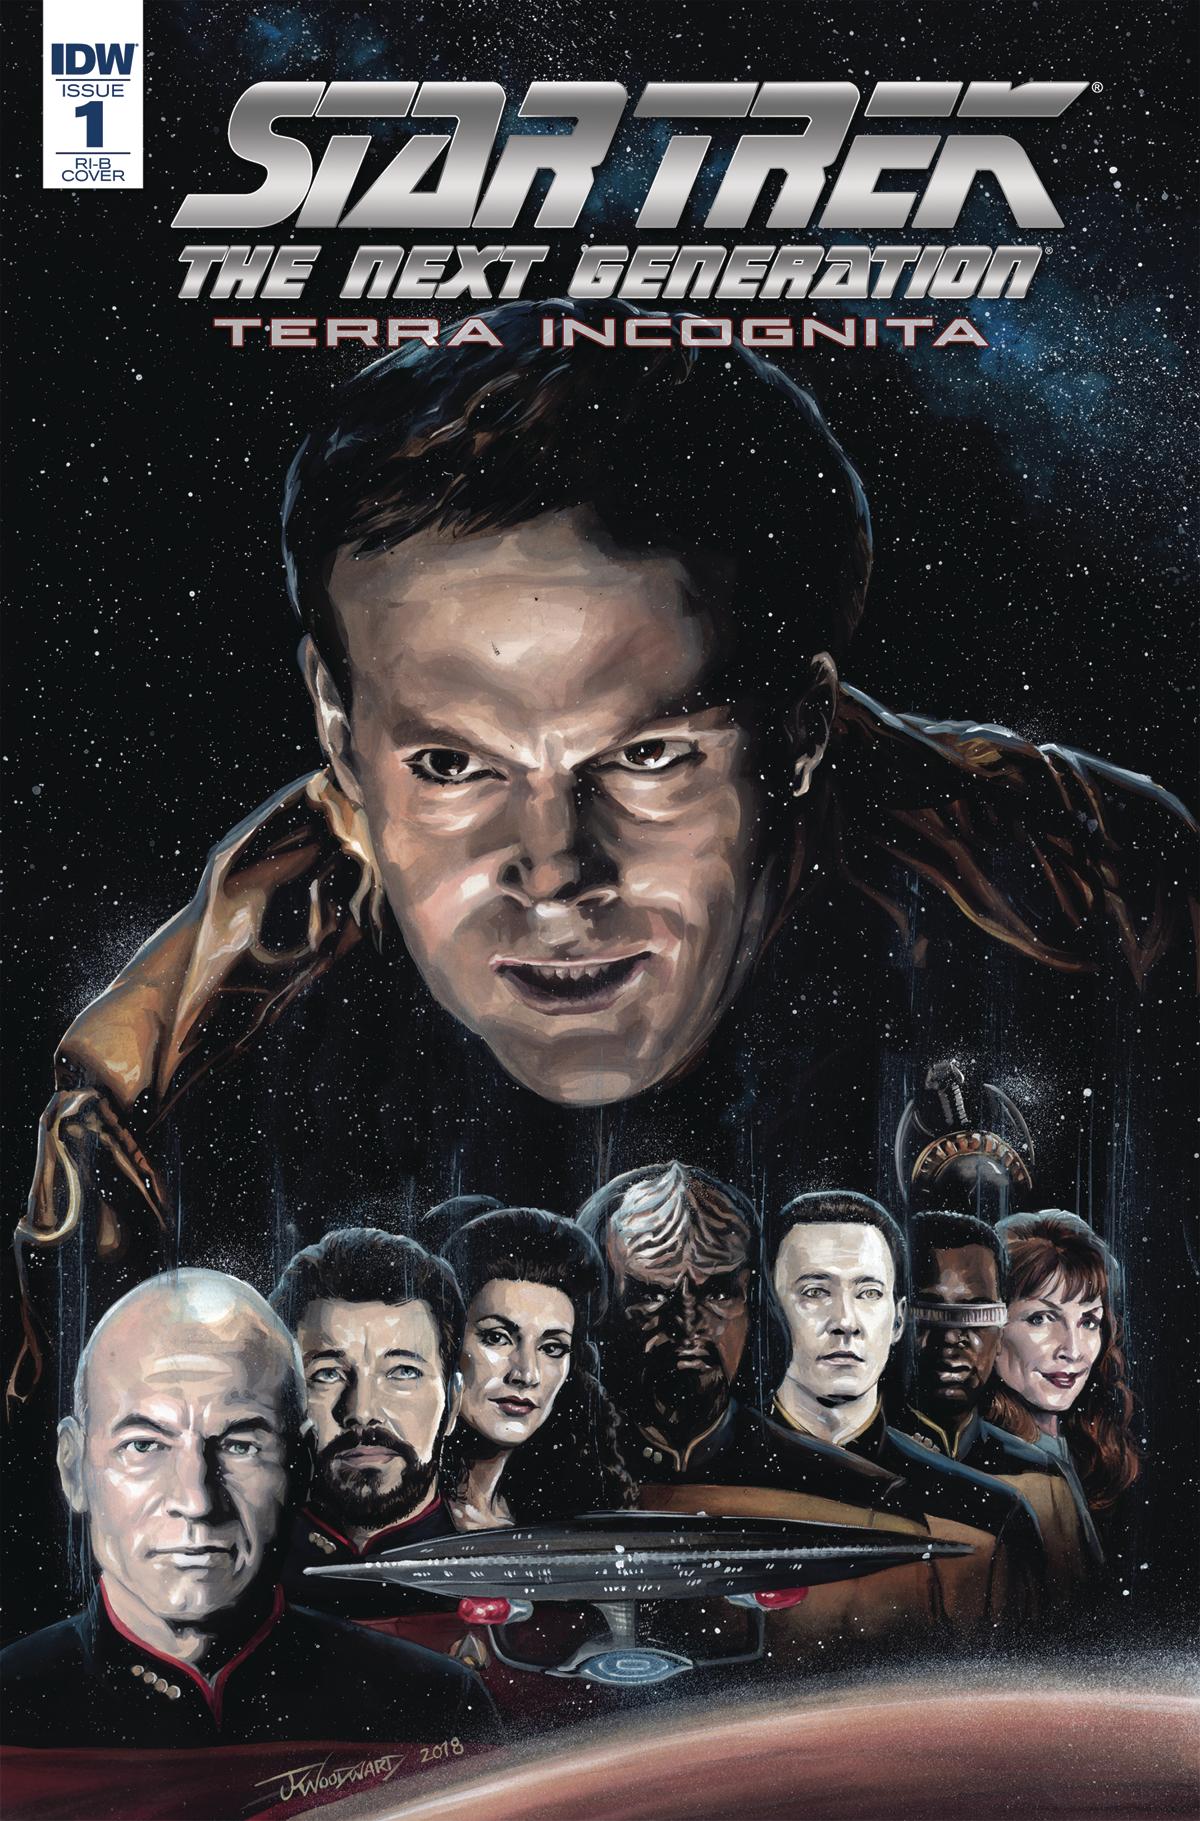 STAR TREK TNG TERRA INCOGNITA #1 25 COPY INCV WOODWARD